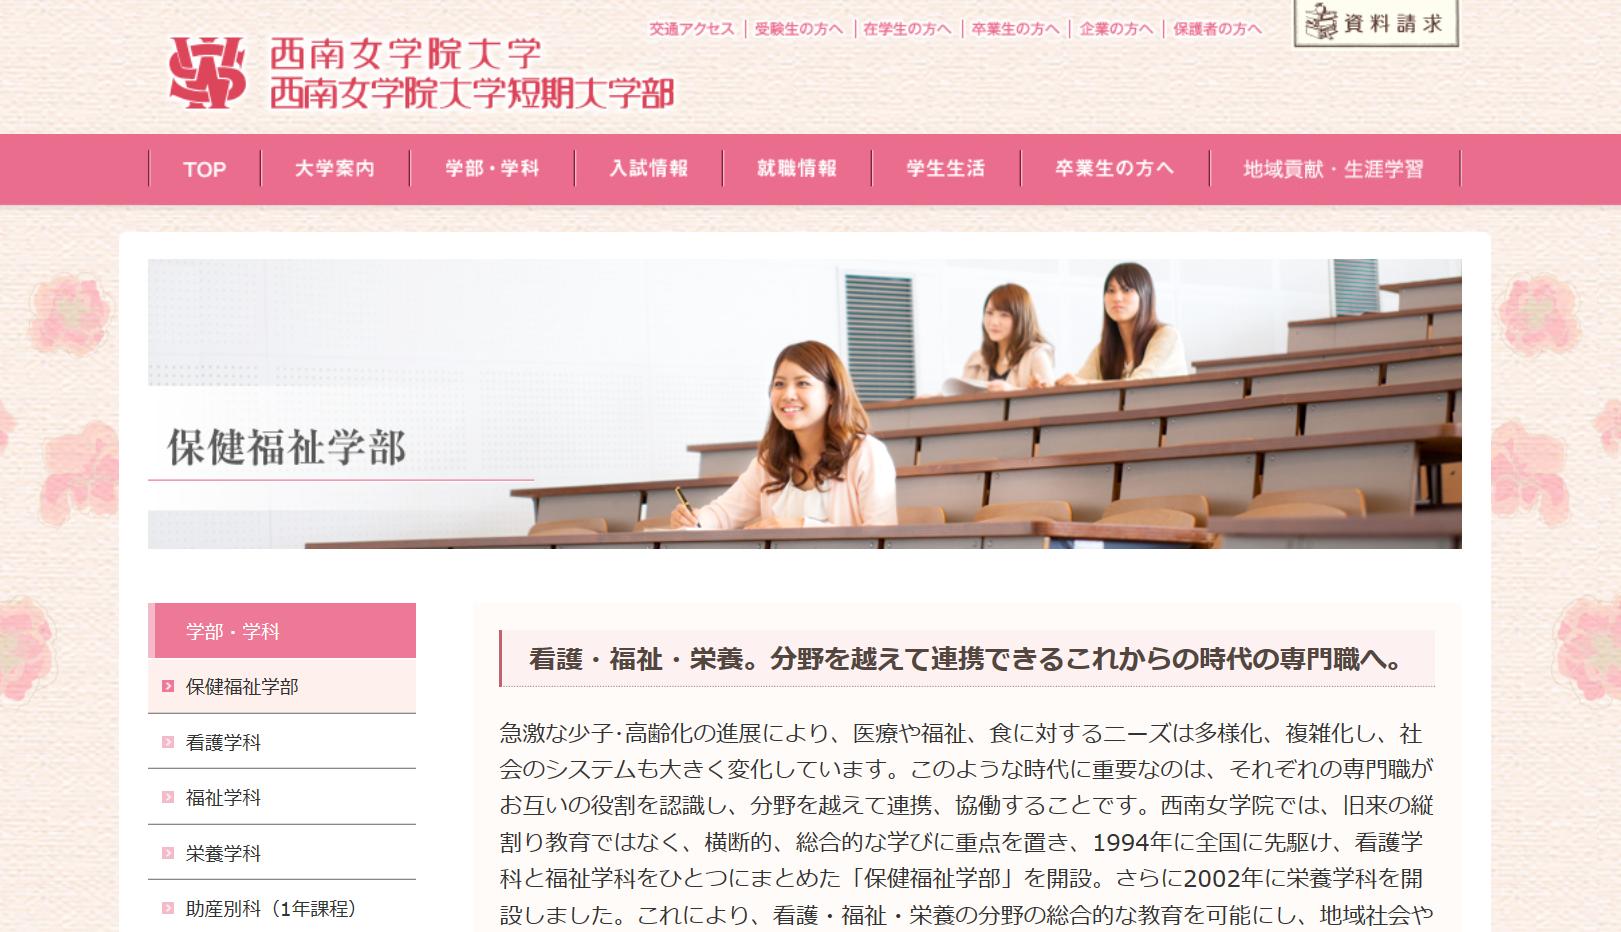 西南女学院大学の評判・口コミ【保健福祉学部編】